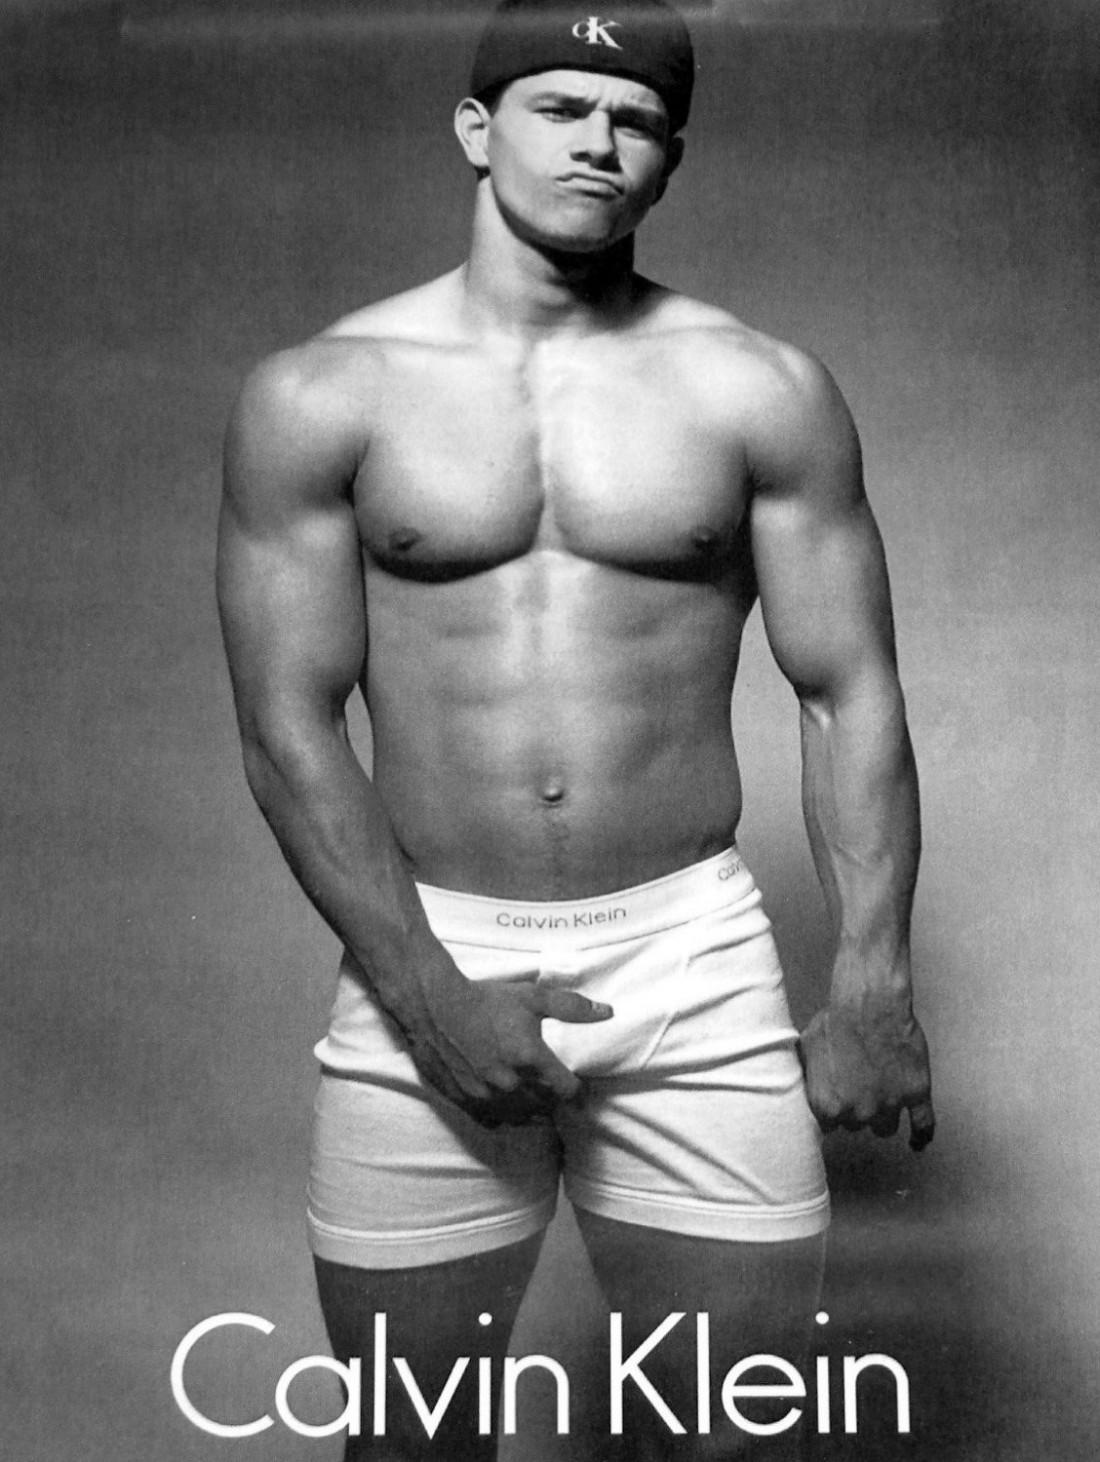 Марк Уолберг в 1992-м. Та самая реклама для Calvin Klein